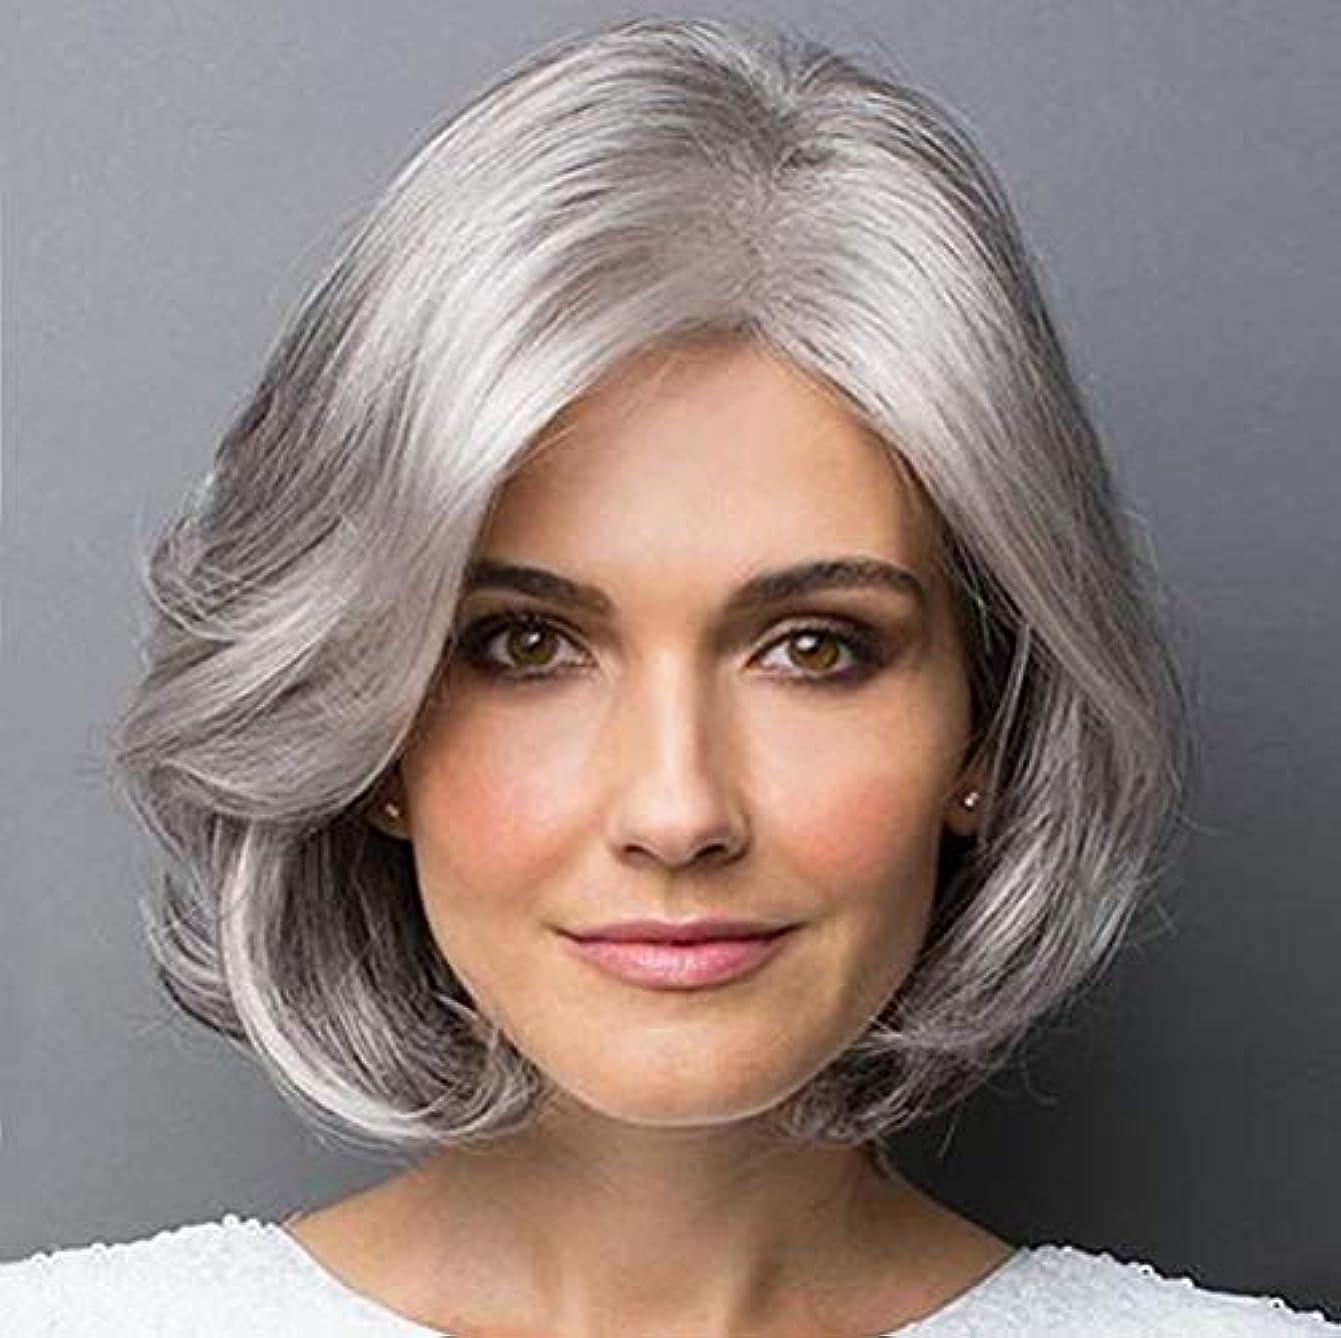 毛皮ソケットトラブル女性かつら人間の髪の毛おばあちゃんの髪耐熱合成短い絹のようなパーティーヘアウィッグライトグレー35 cm